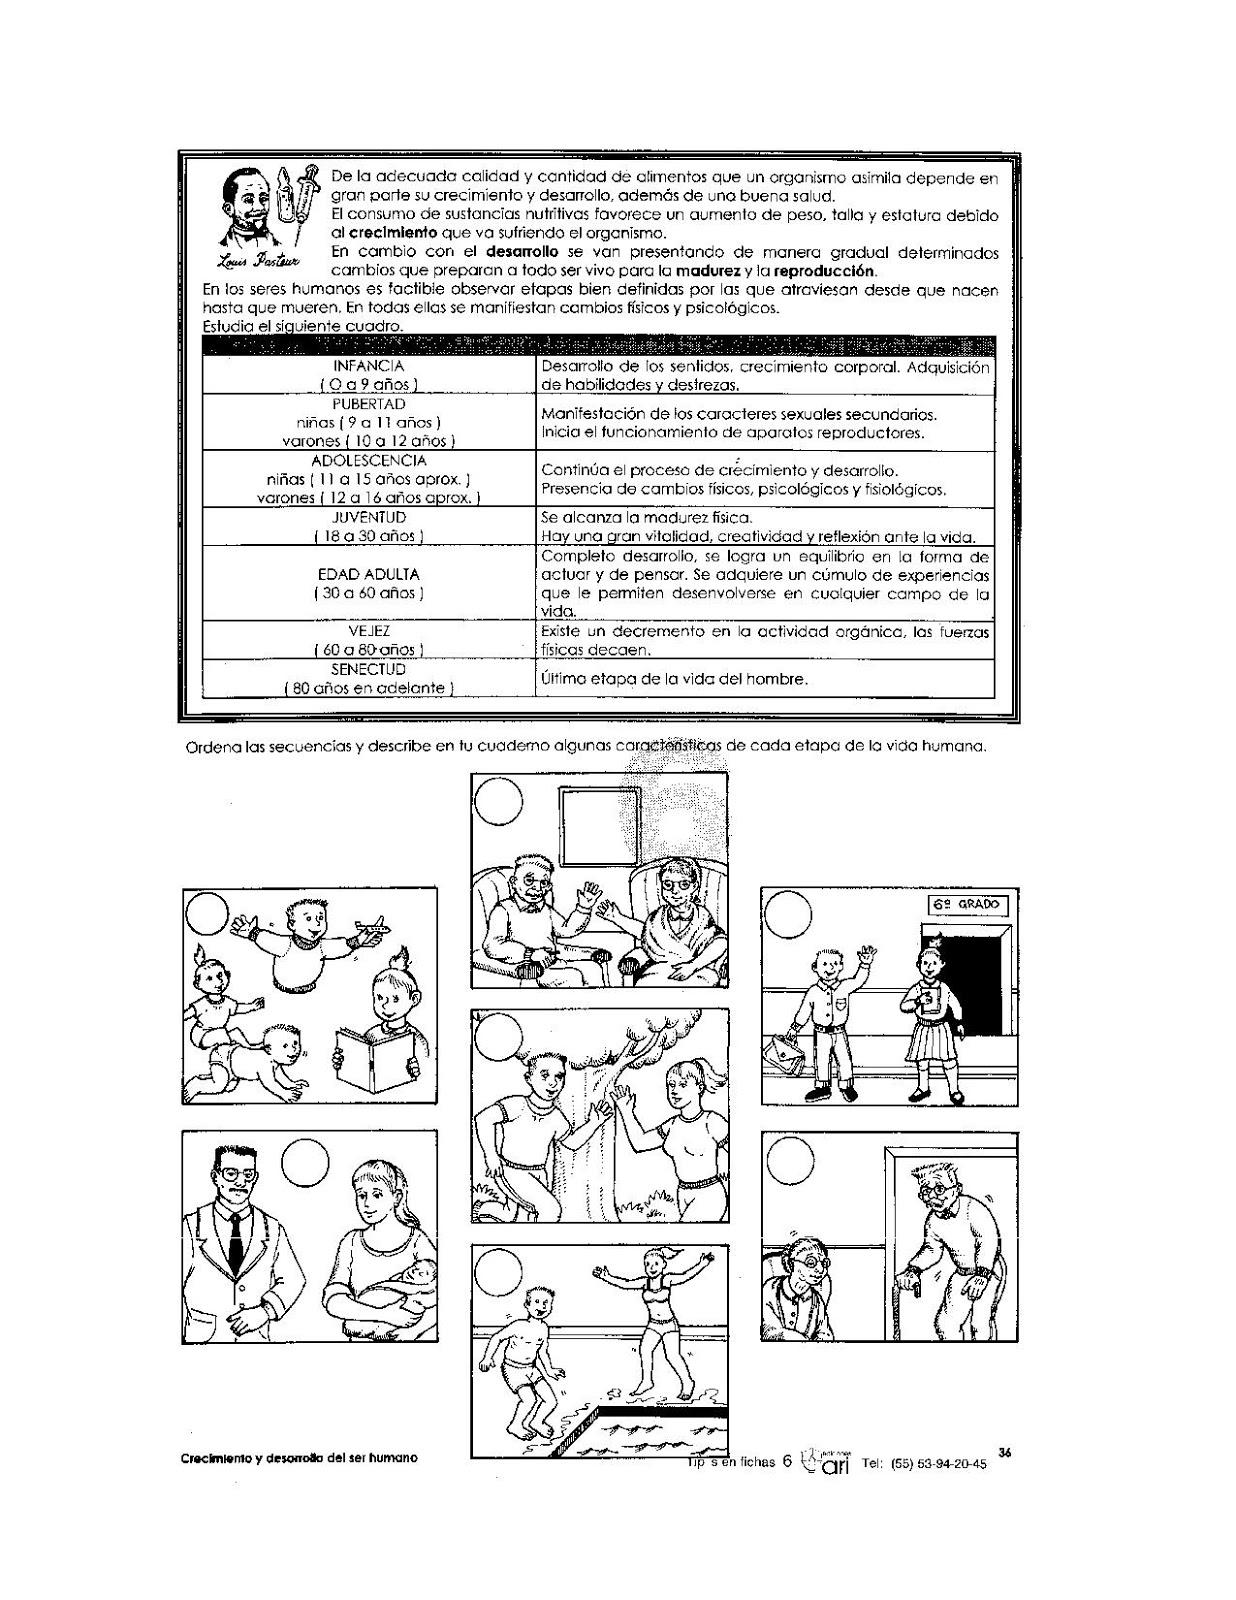 Ejercicio Etapas de la vida para niños